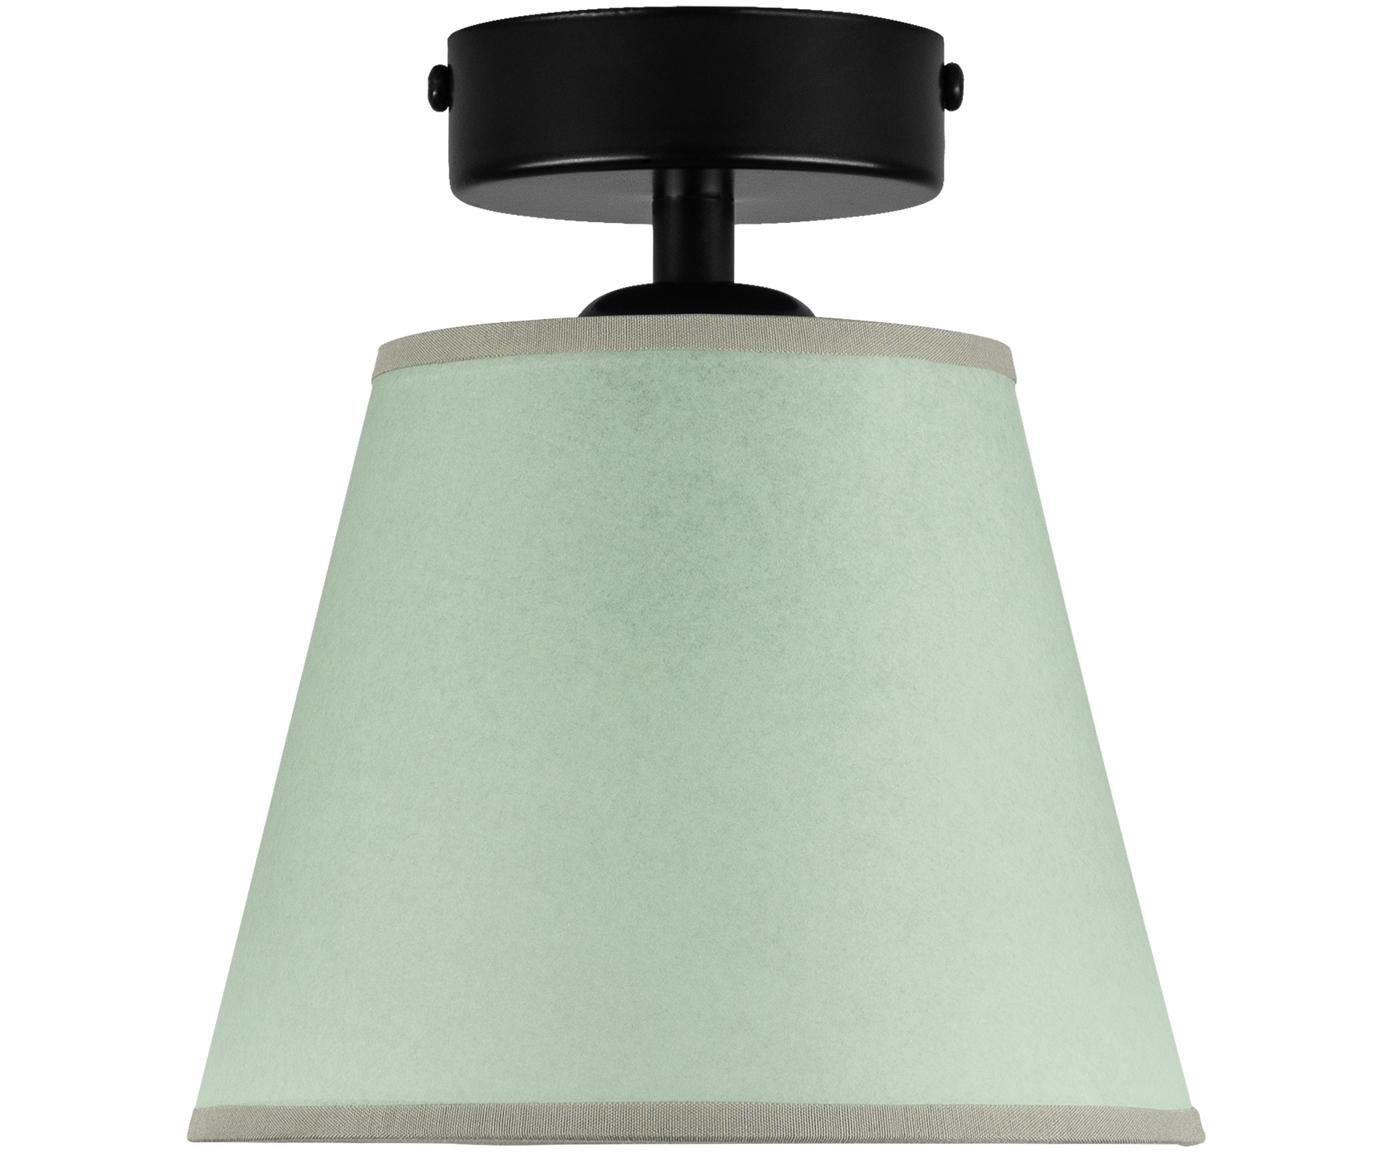 Kleine Deckenleuchte Iro aus Papier, Lampenschirm: Papier, Baldachin: Metall, pulverbeschichtet, Grün, Schwarz, Ø 16 x H 18 cm